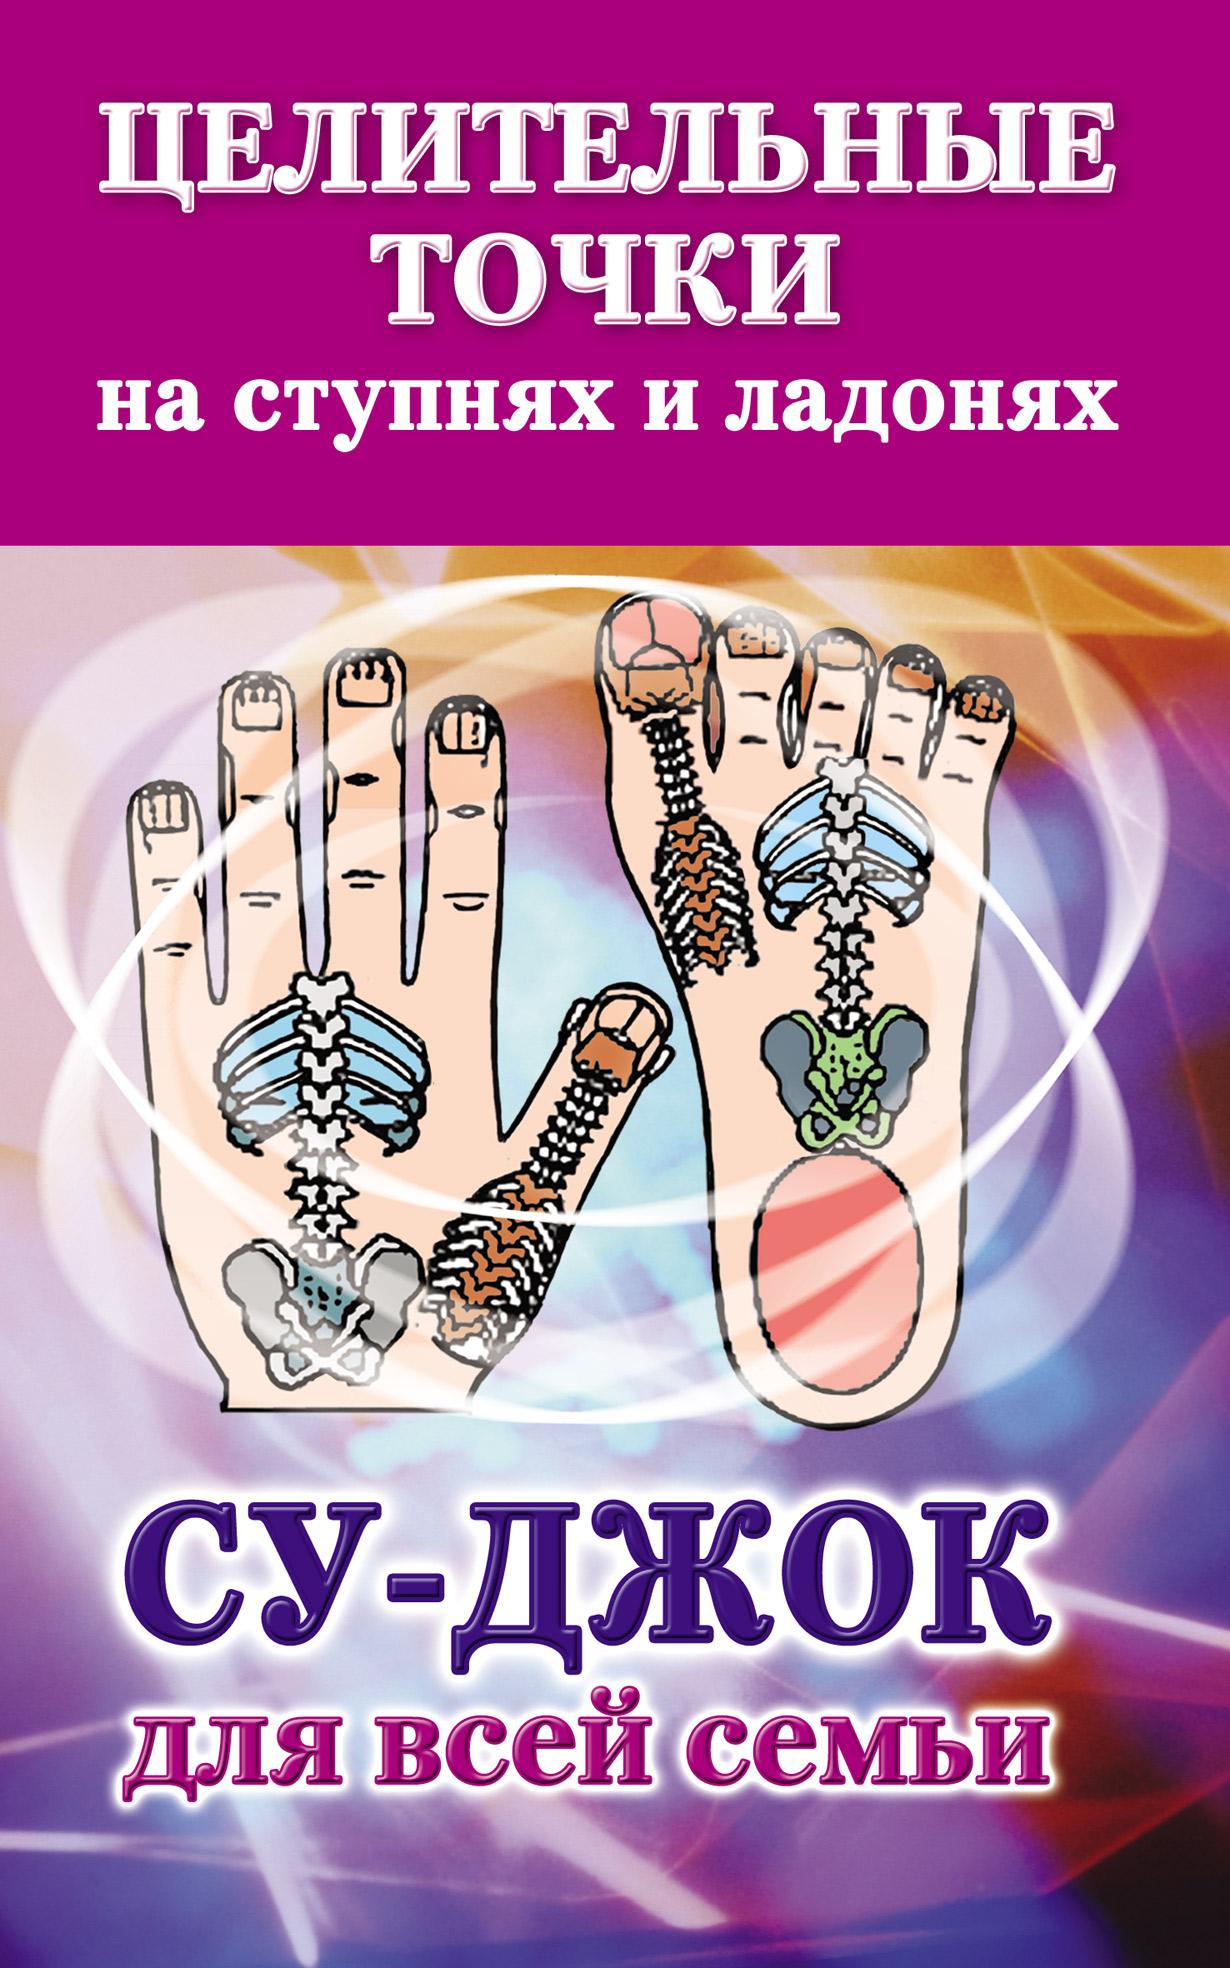 Наталья Ольшевская «Целительные точки на ступнях и ладонях. Су-джок для всей семьи»